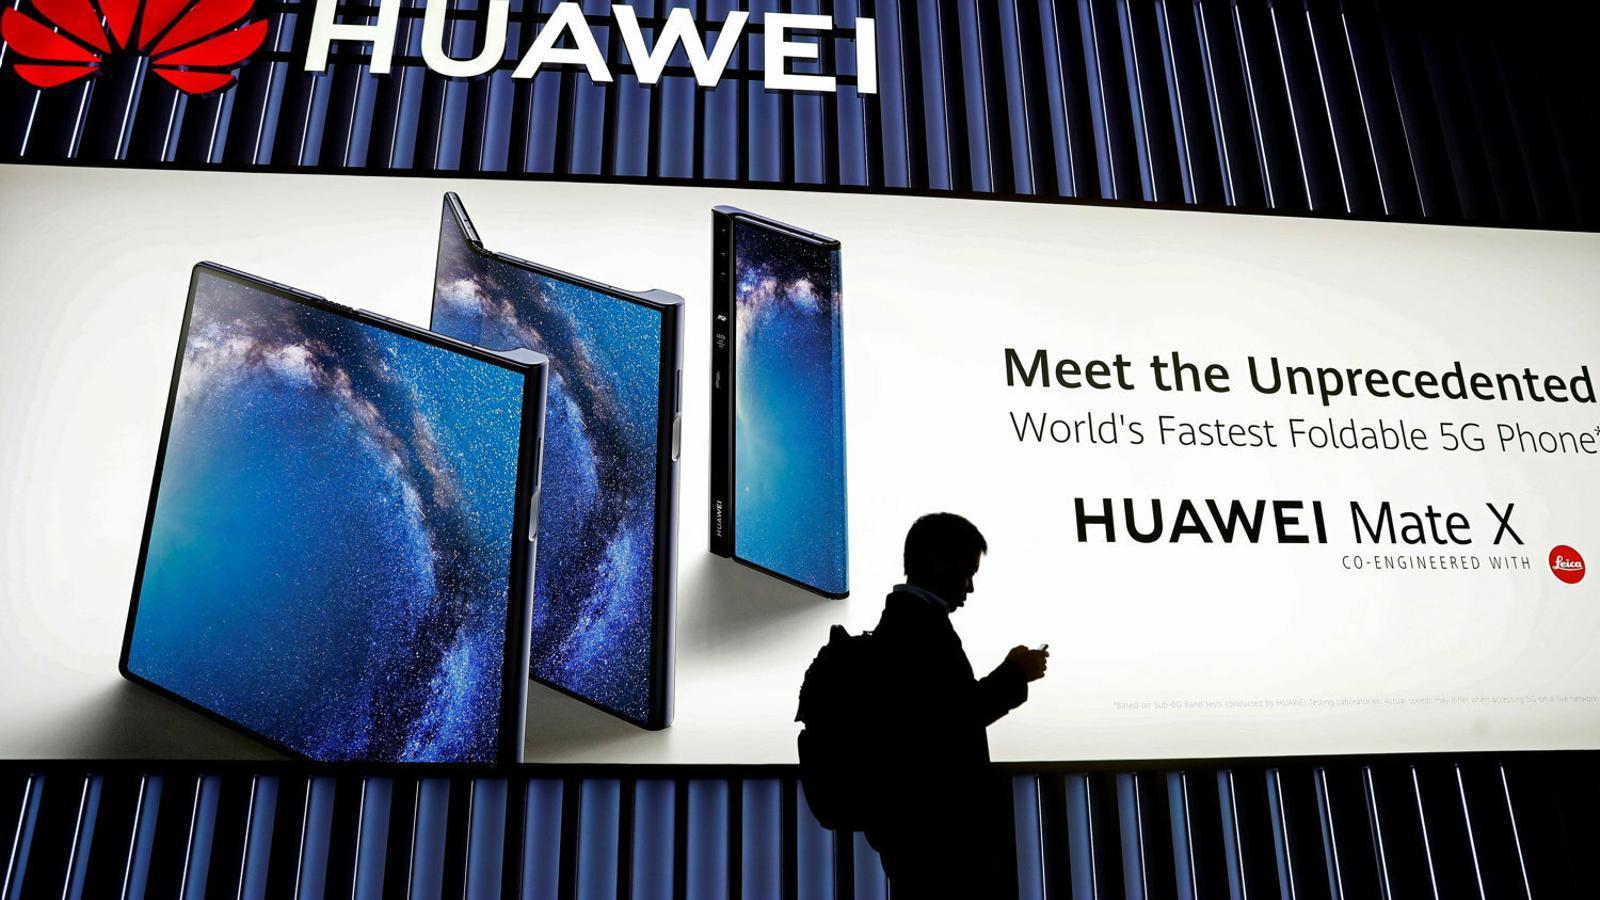 Els estudis alertaven que, si no es donava accés a Huawei, el Regne Unit podria quedar enrere en la cursa pel 5G.